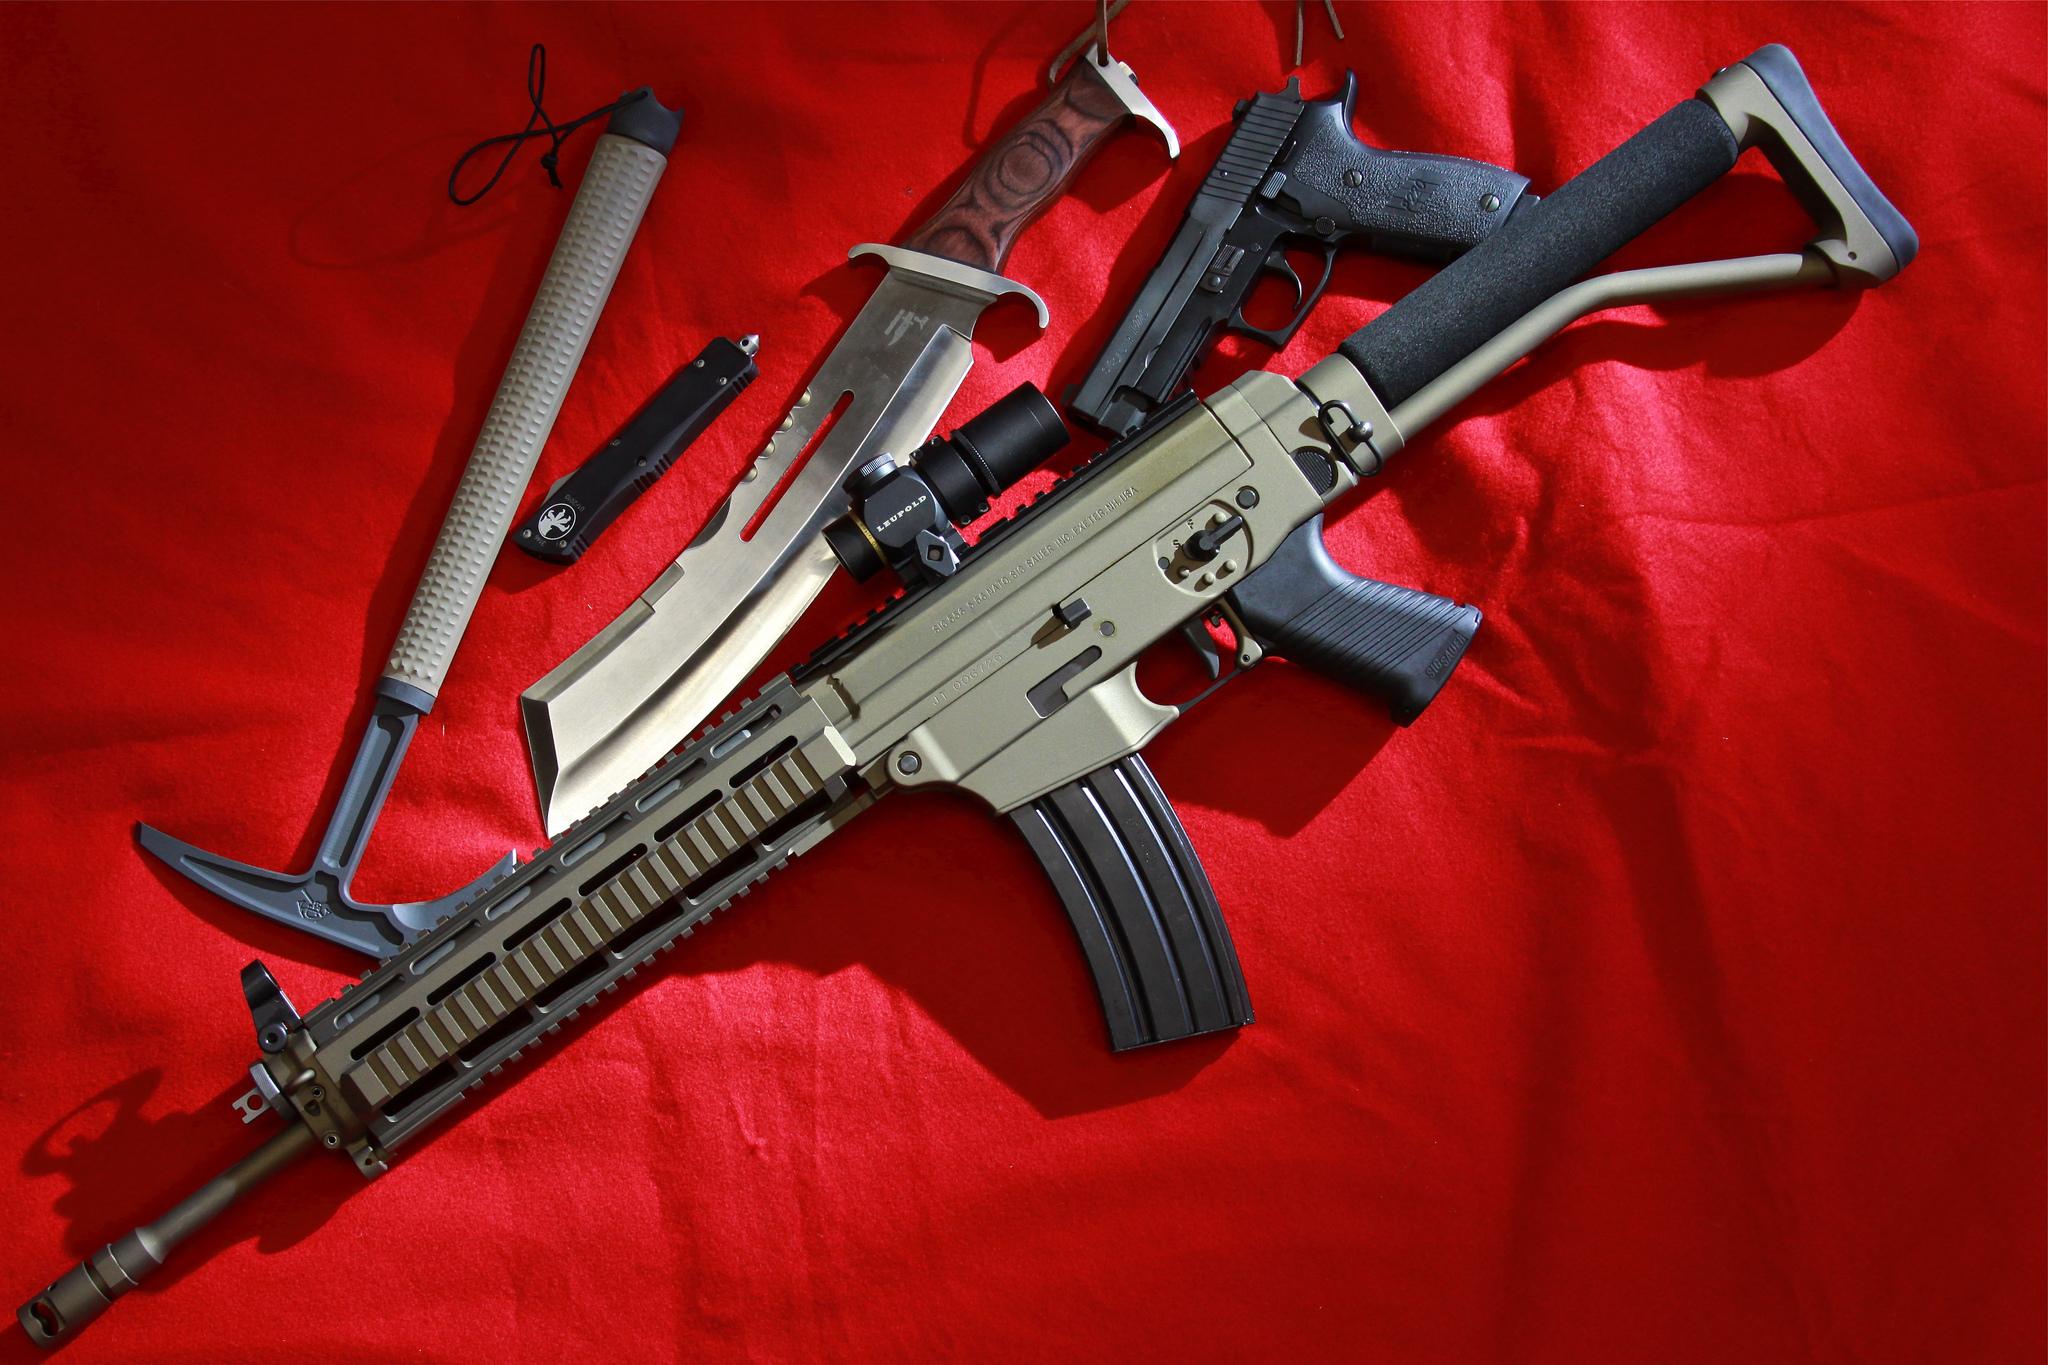 Автомат, нож и пистолет  № 3464994 загрузить